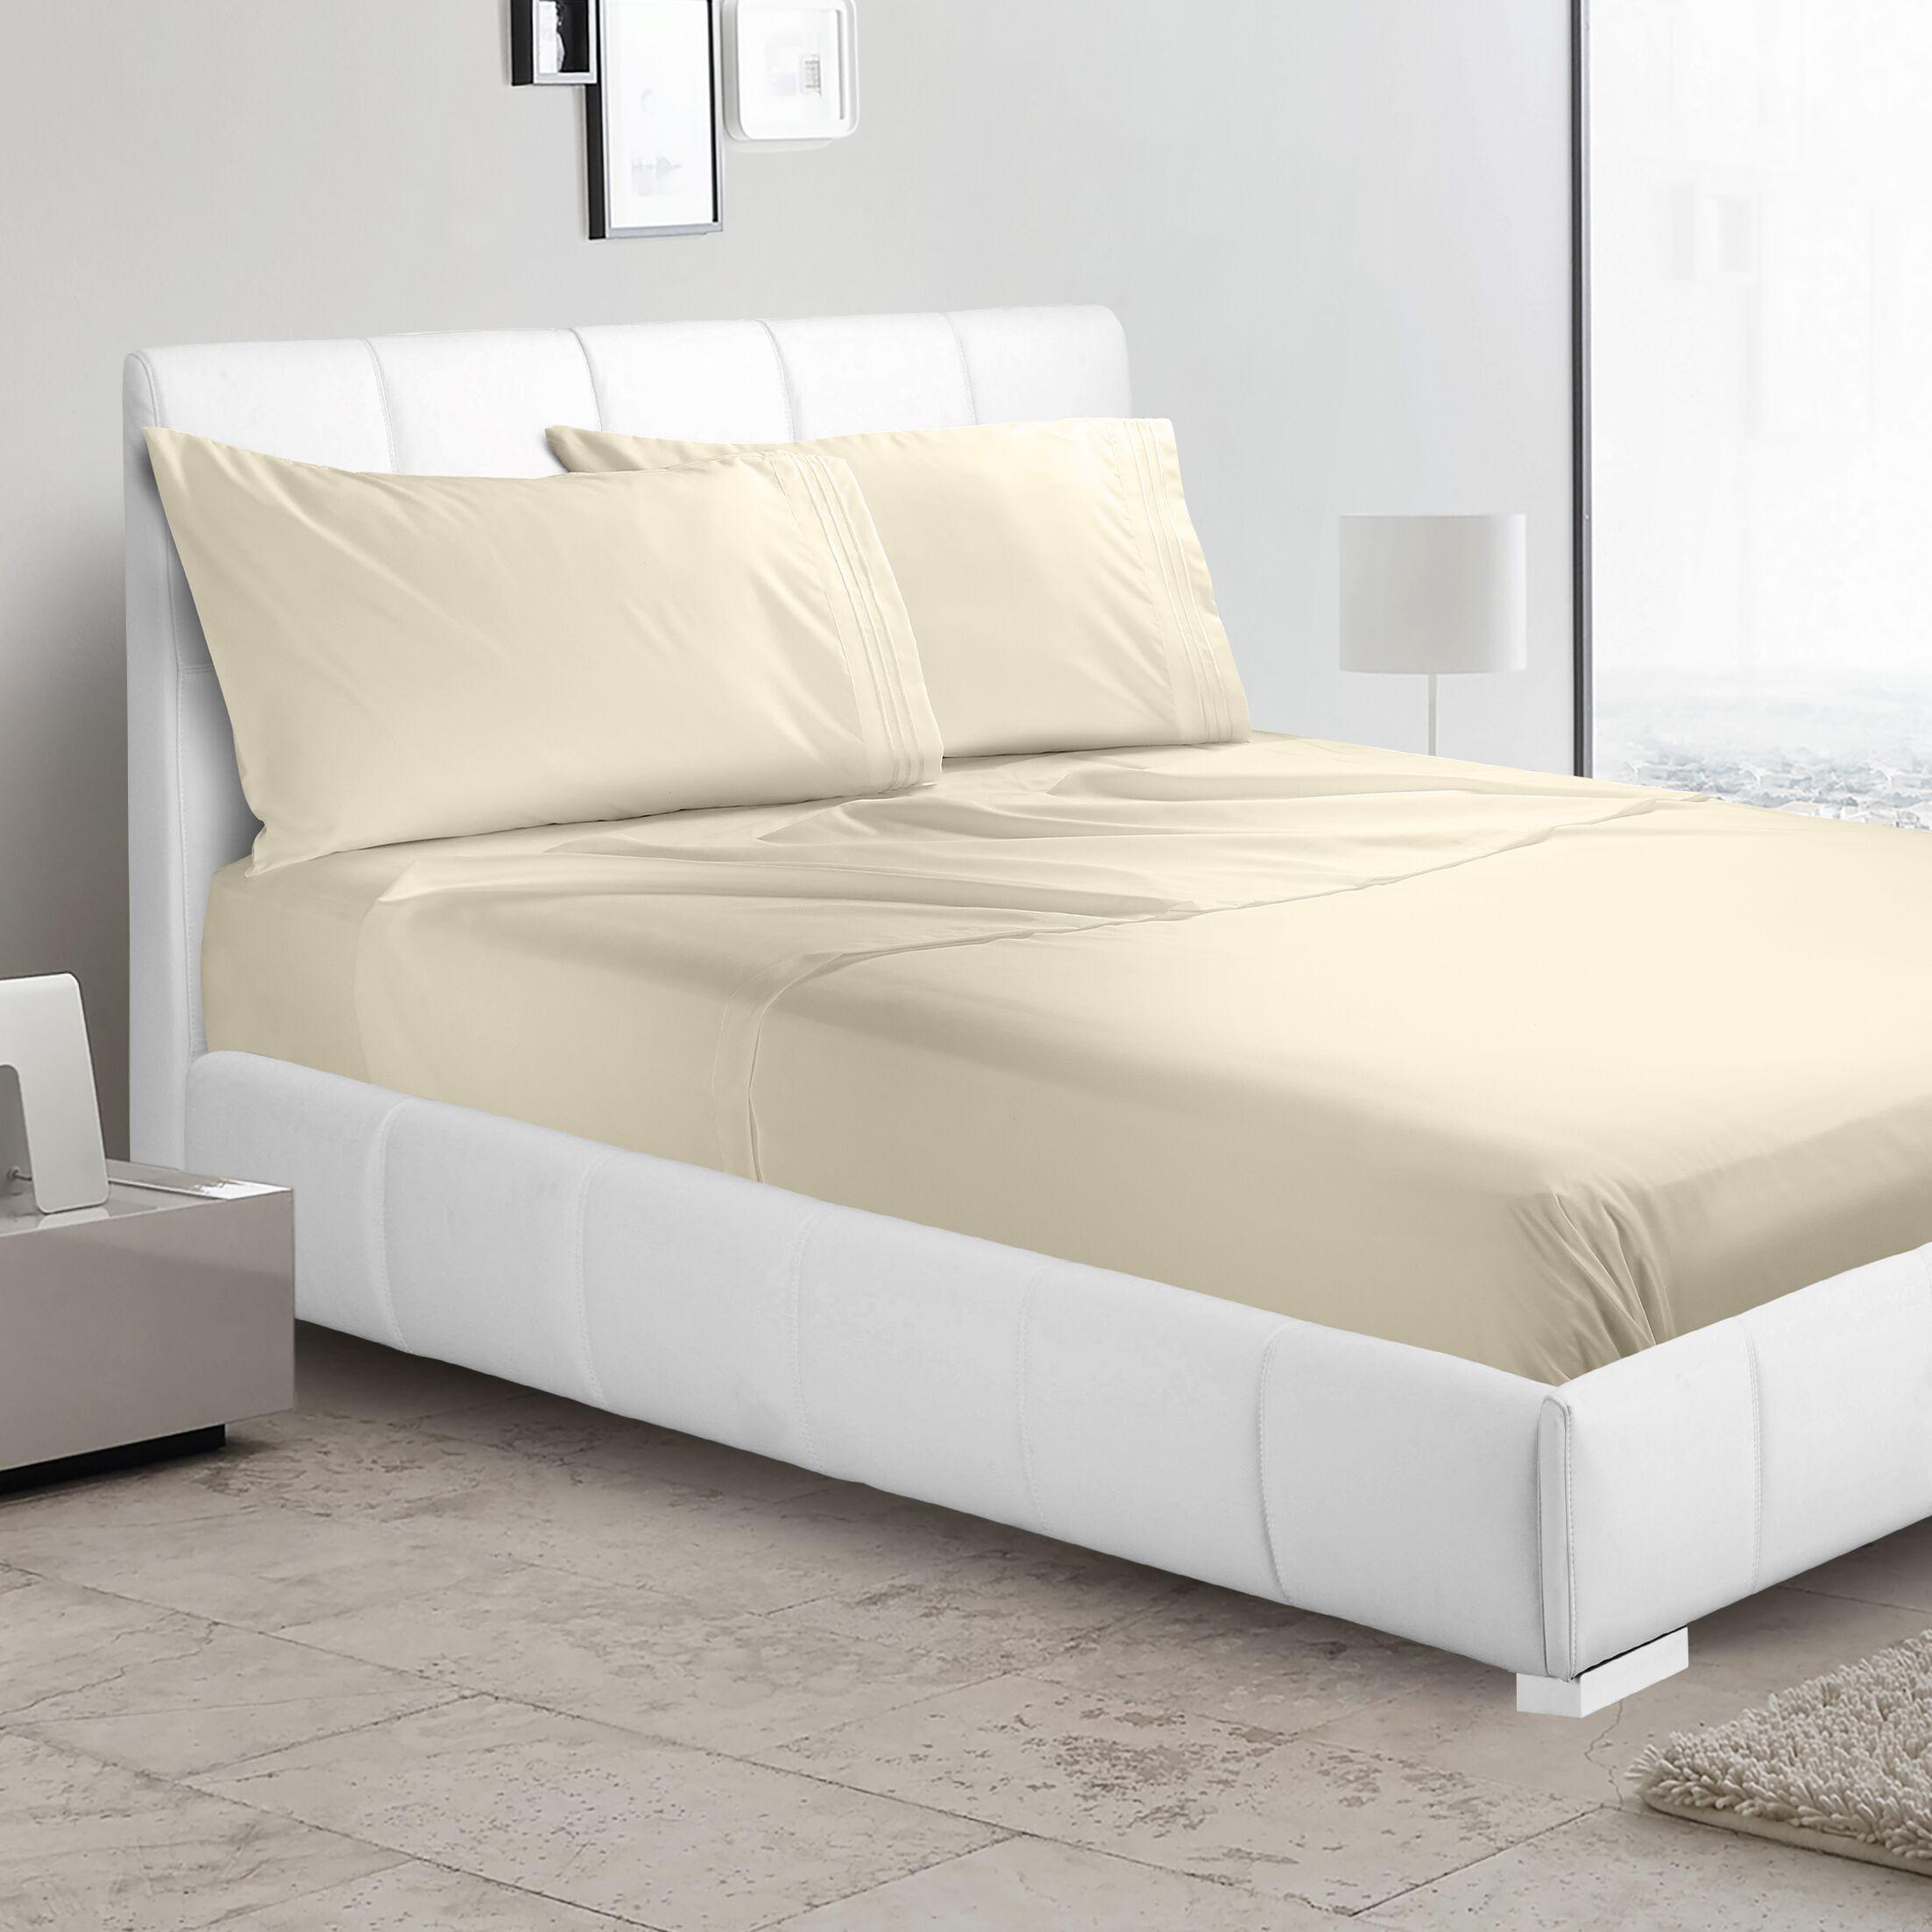 Verna Flat Sheet Size: King, Color: Beige